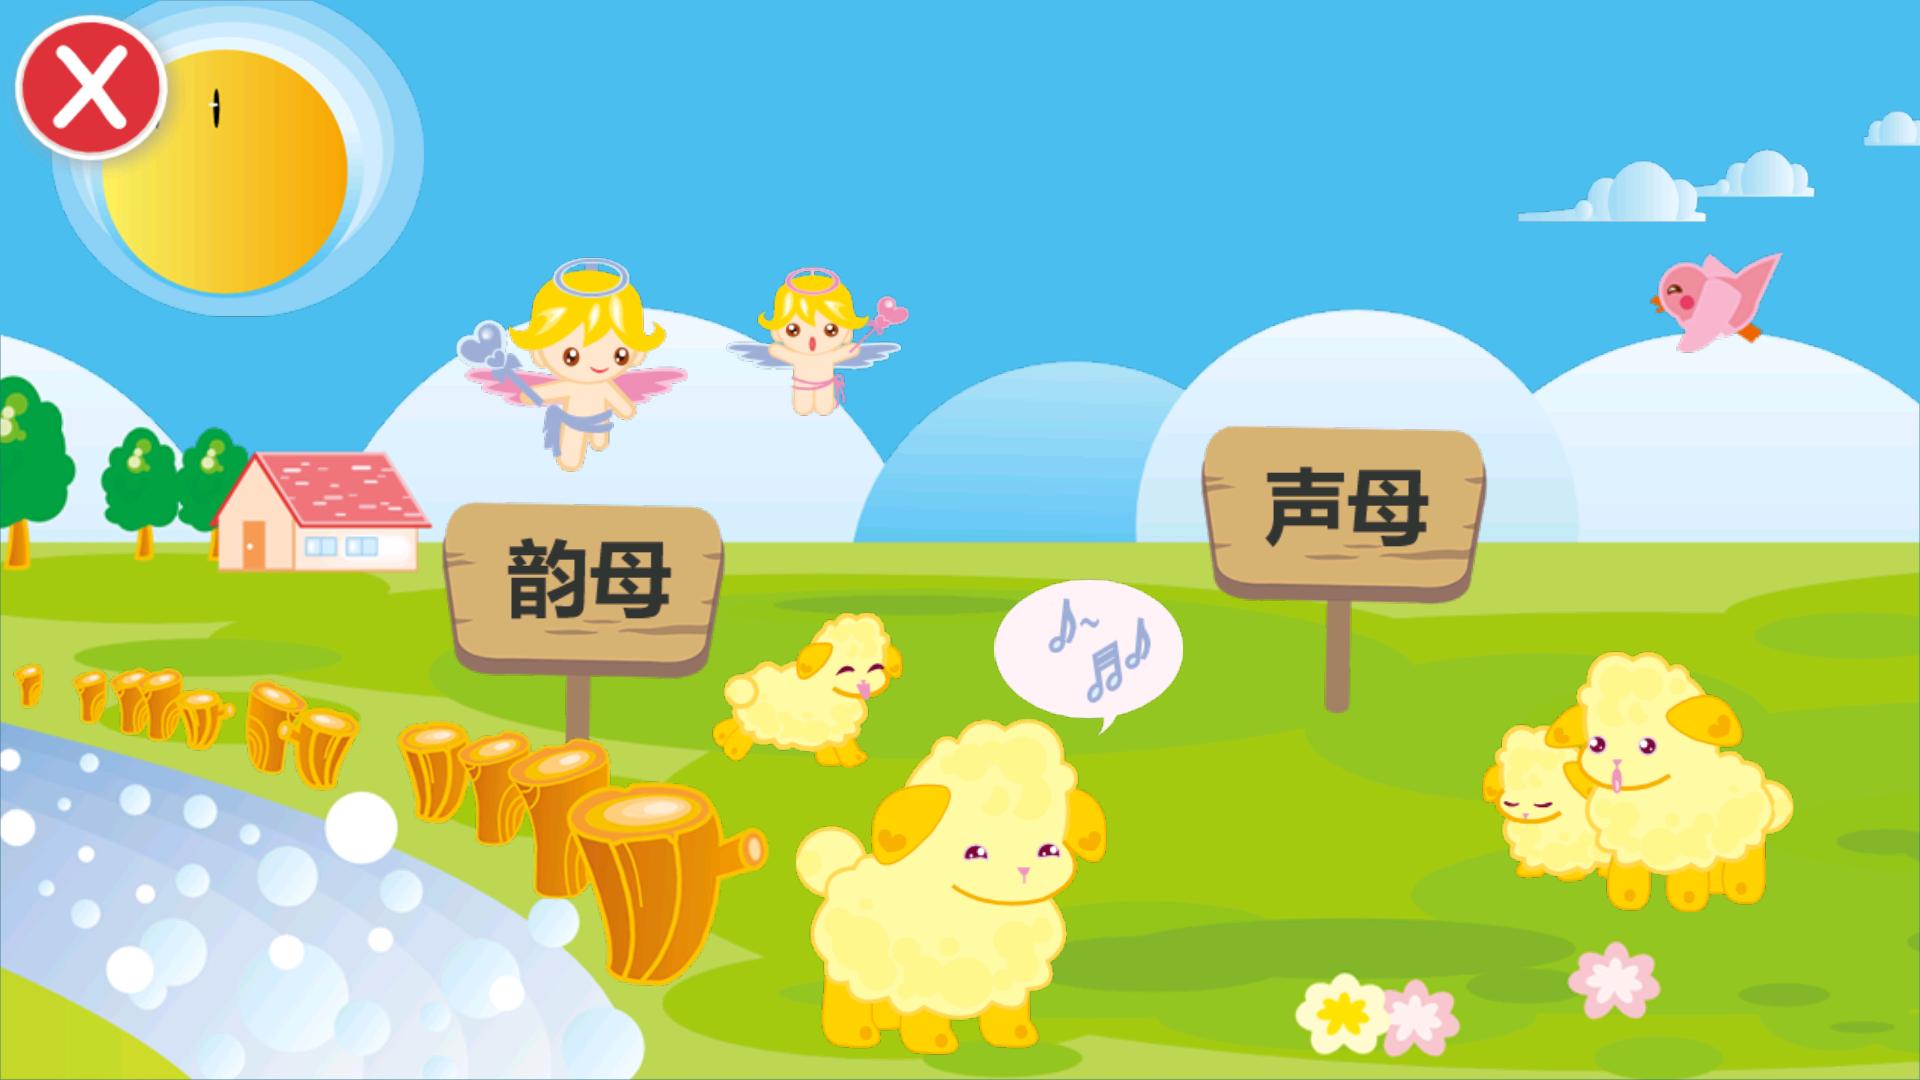 快乐宝宝幼儿园界面预览图